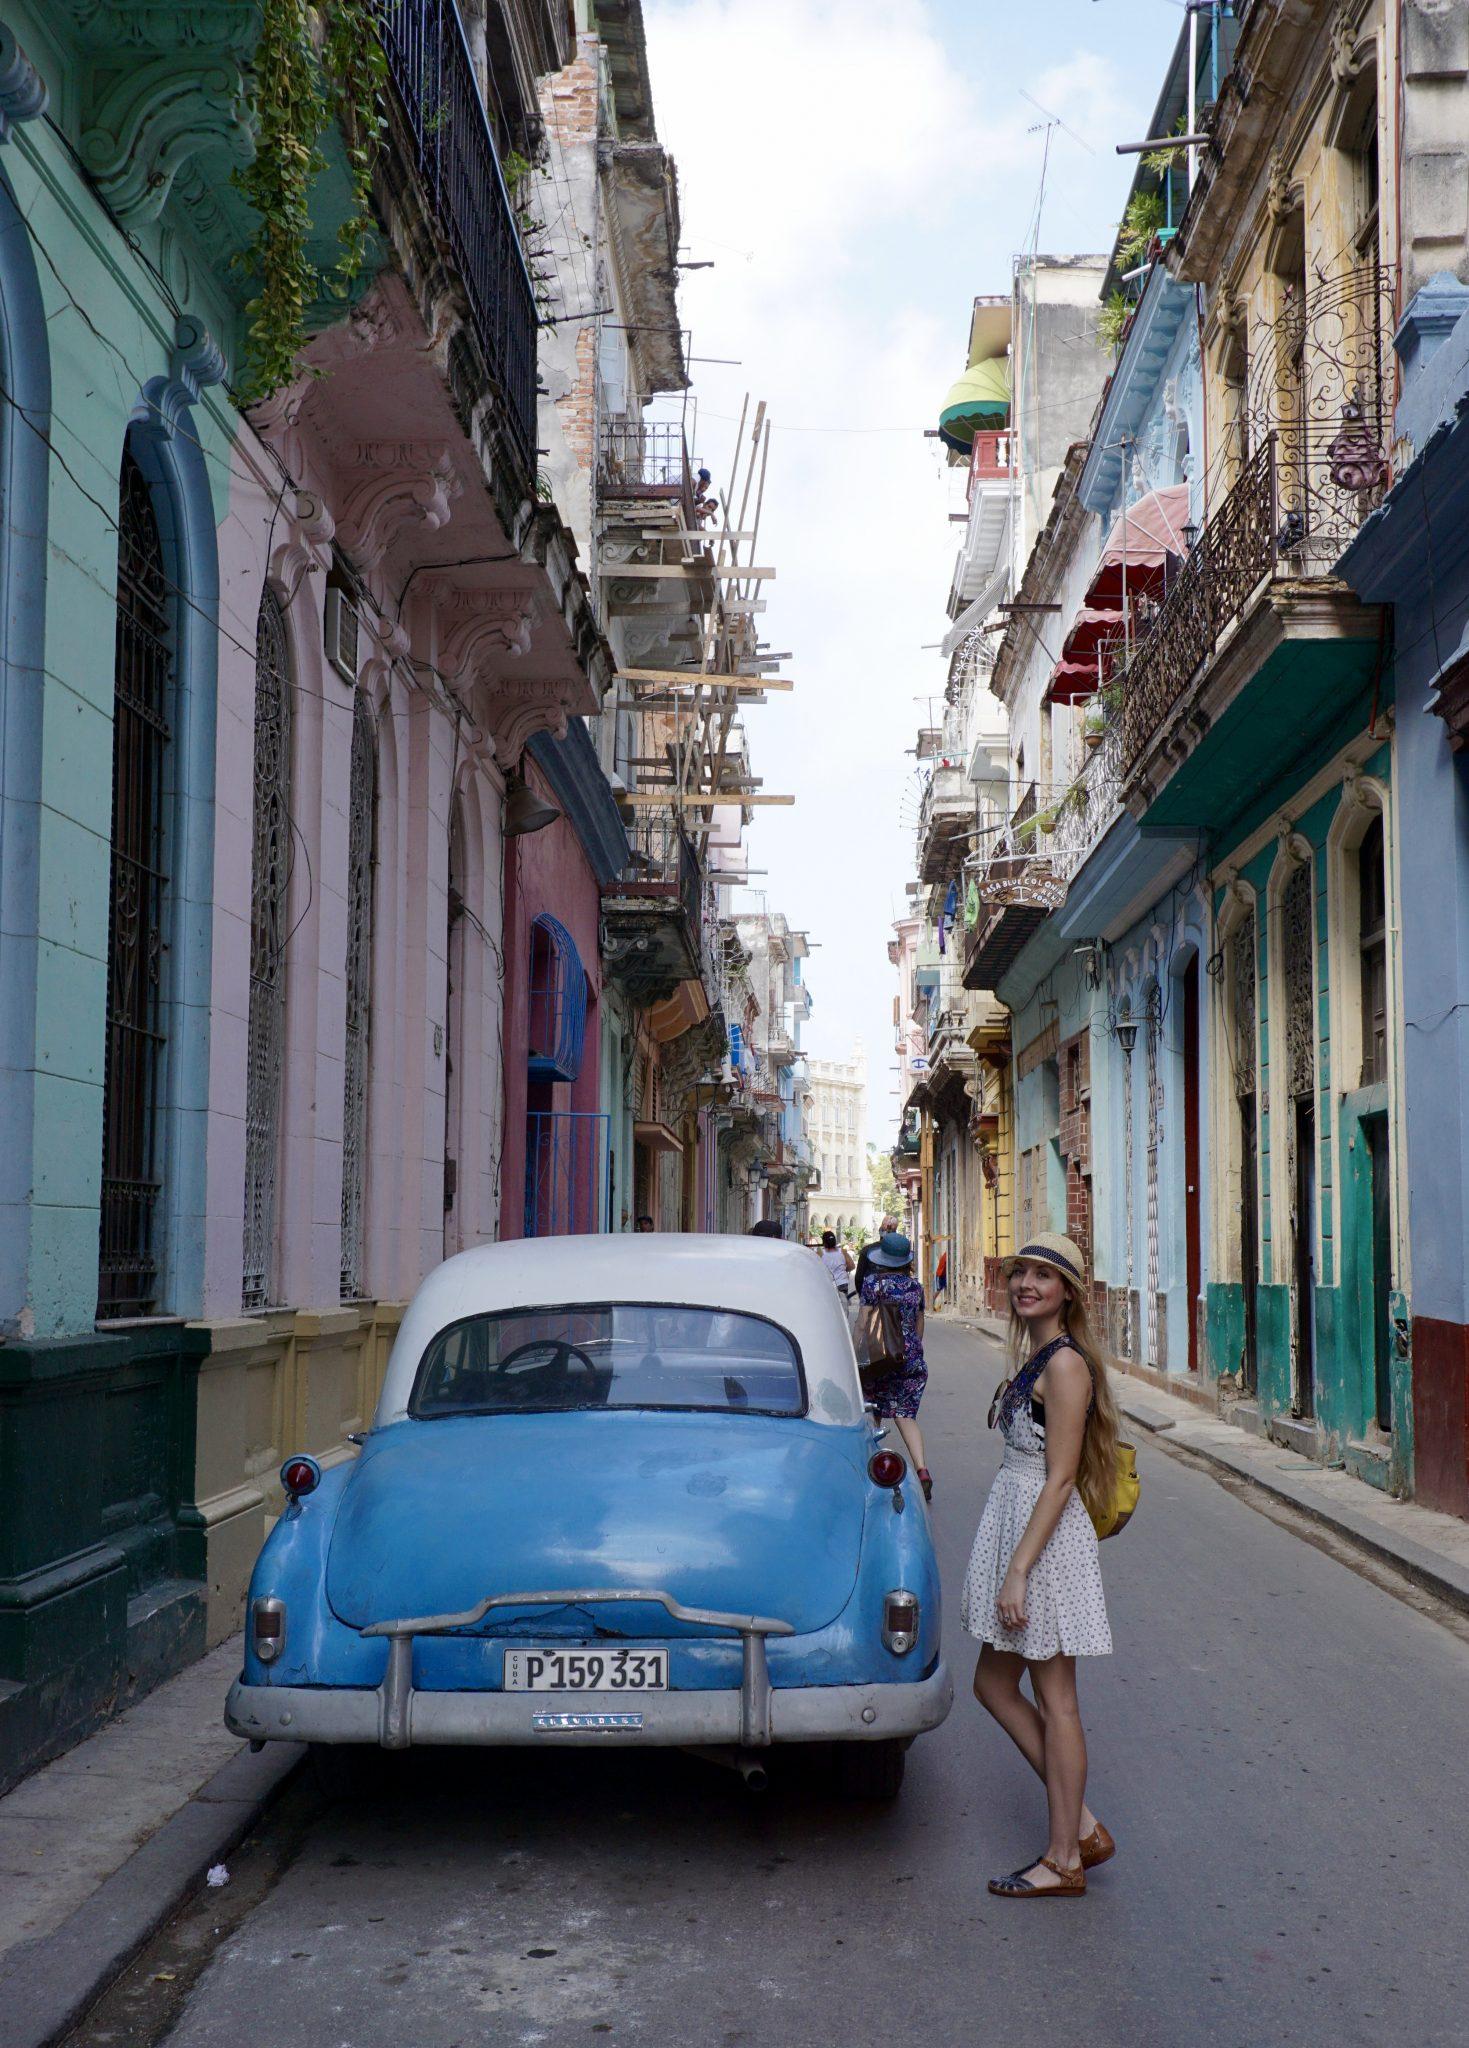 Havana, Cuba, street, classic car